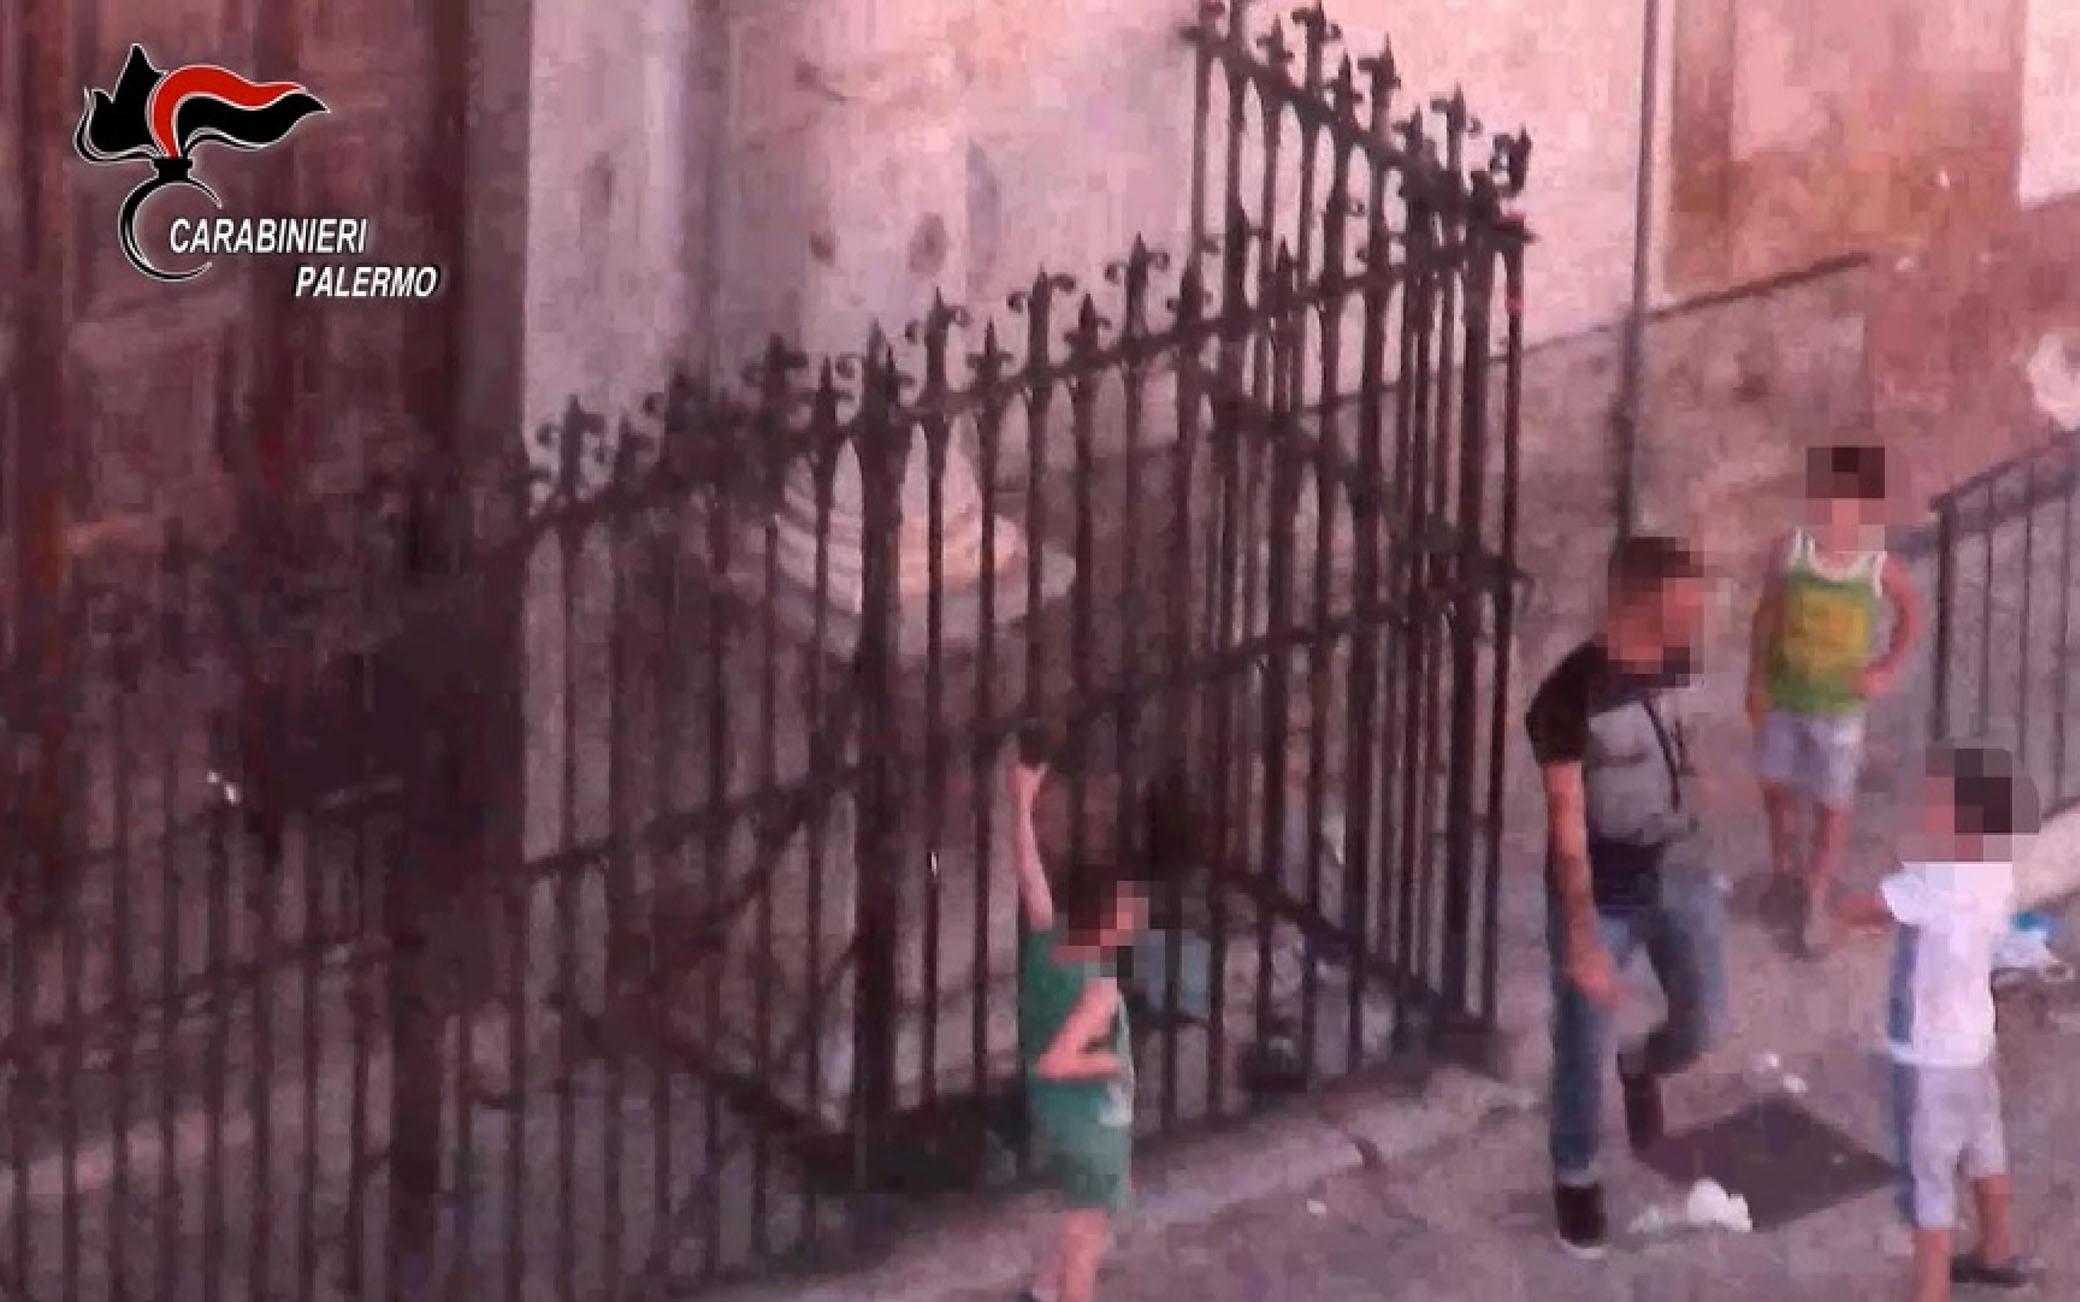 Una immagine dello spaccio a Palermo, 30 settembre 2020 ANSA/UFFICIO STAMPA CARABINIERI